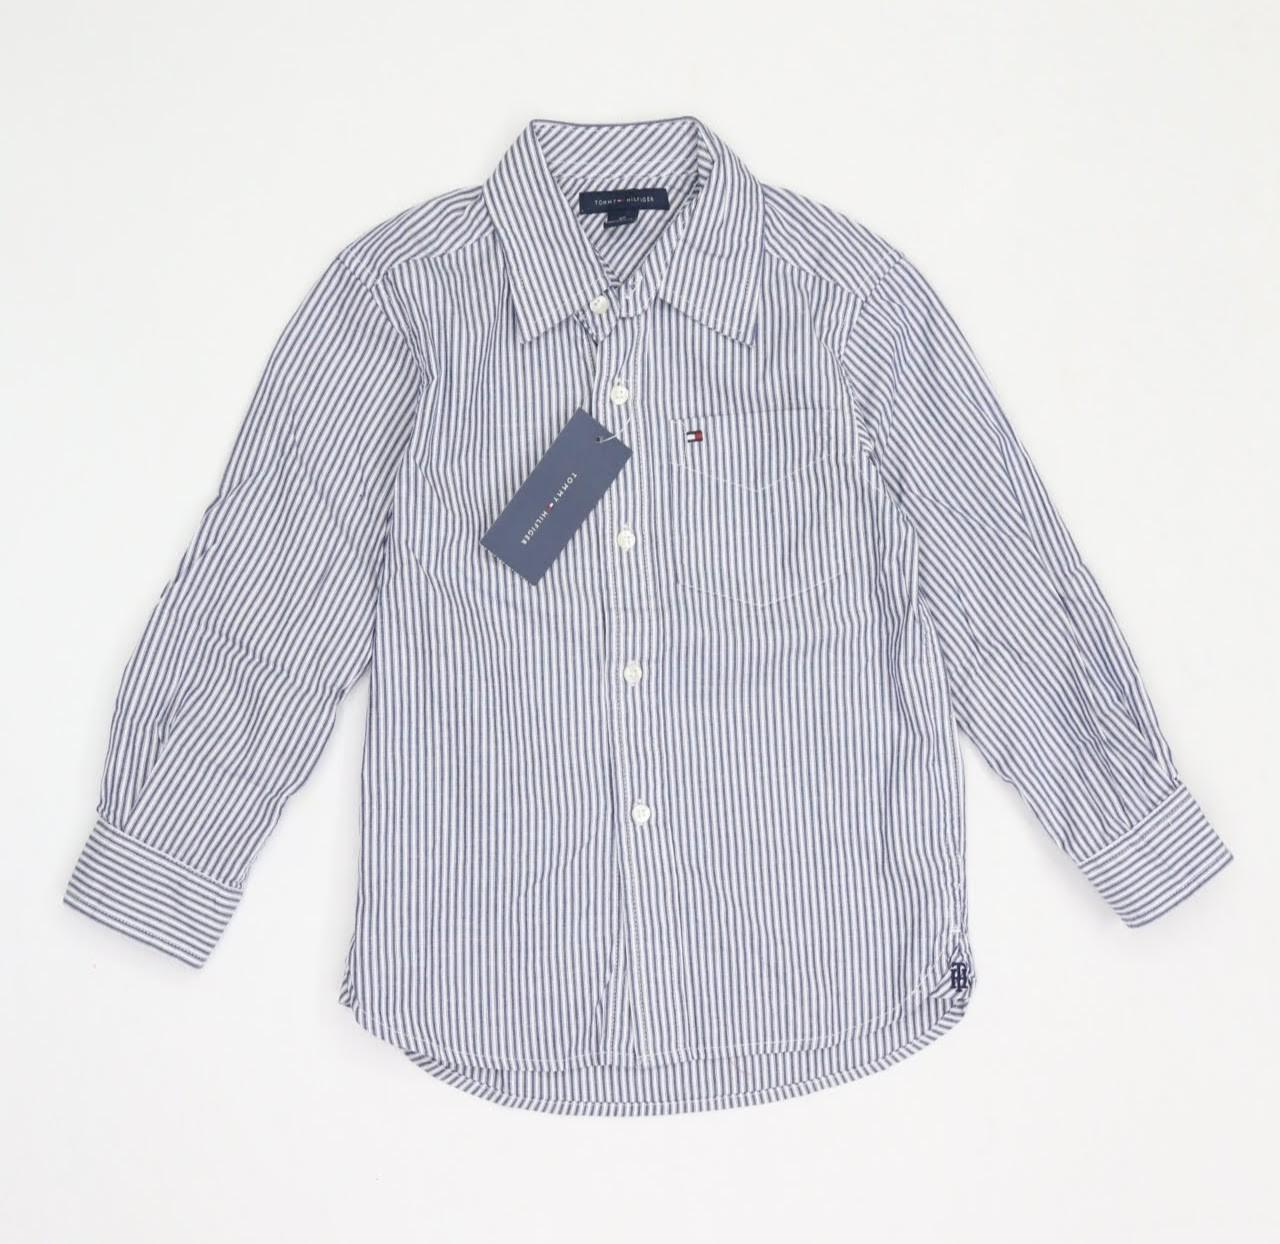 Camisa Manga Longa - Tommy Hilfiger - 04 Anos